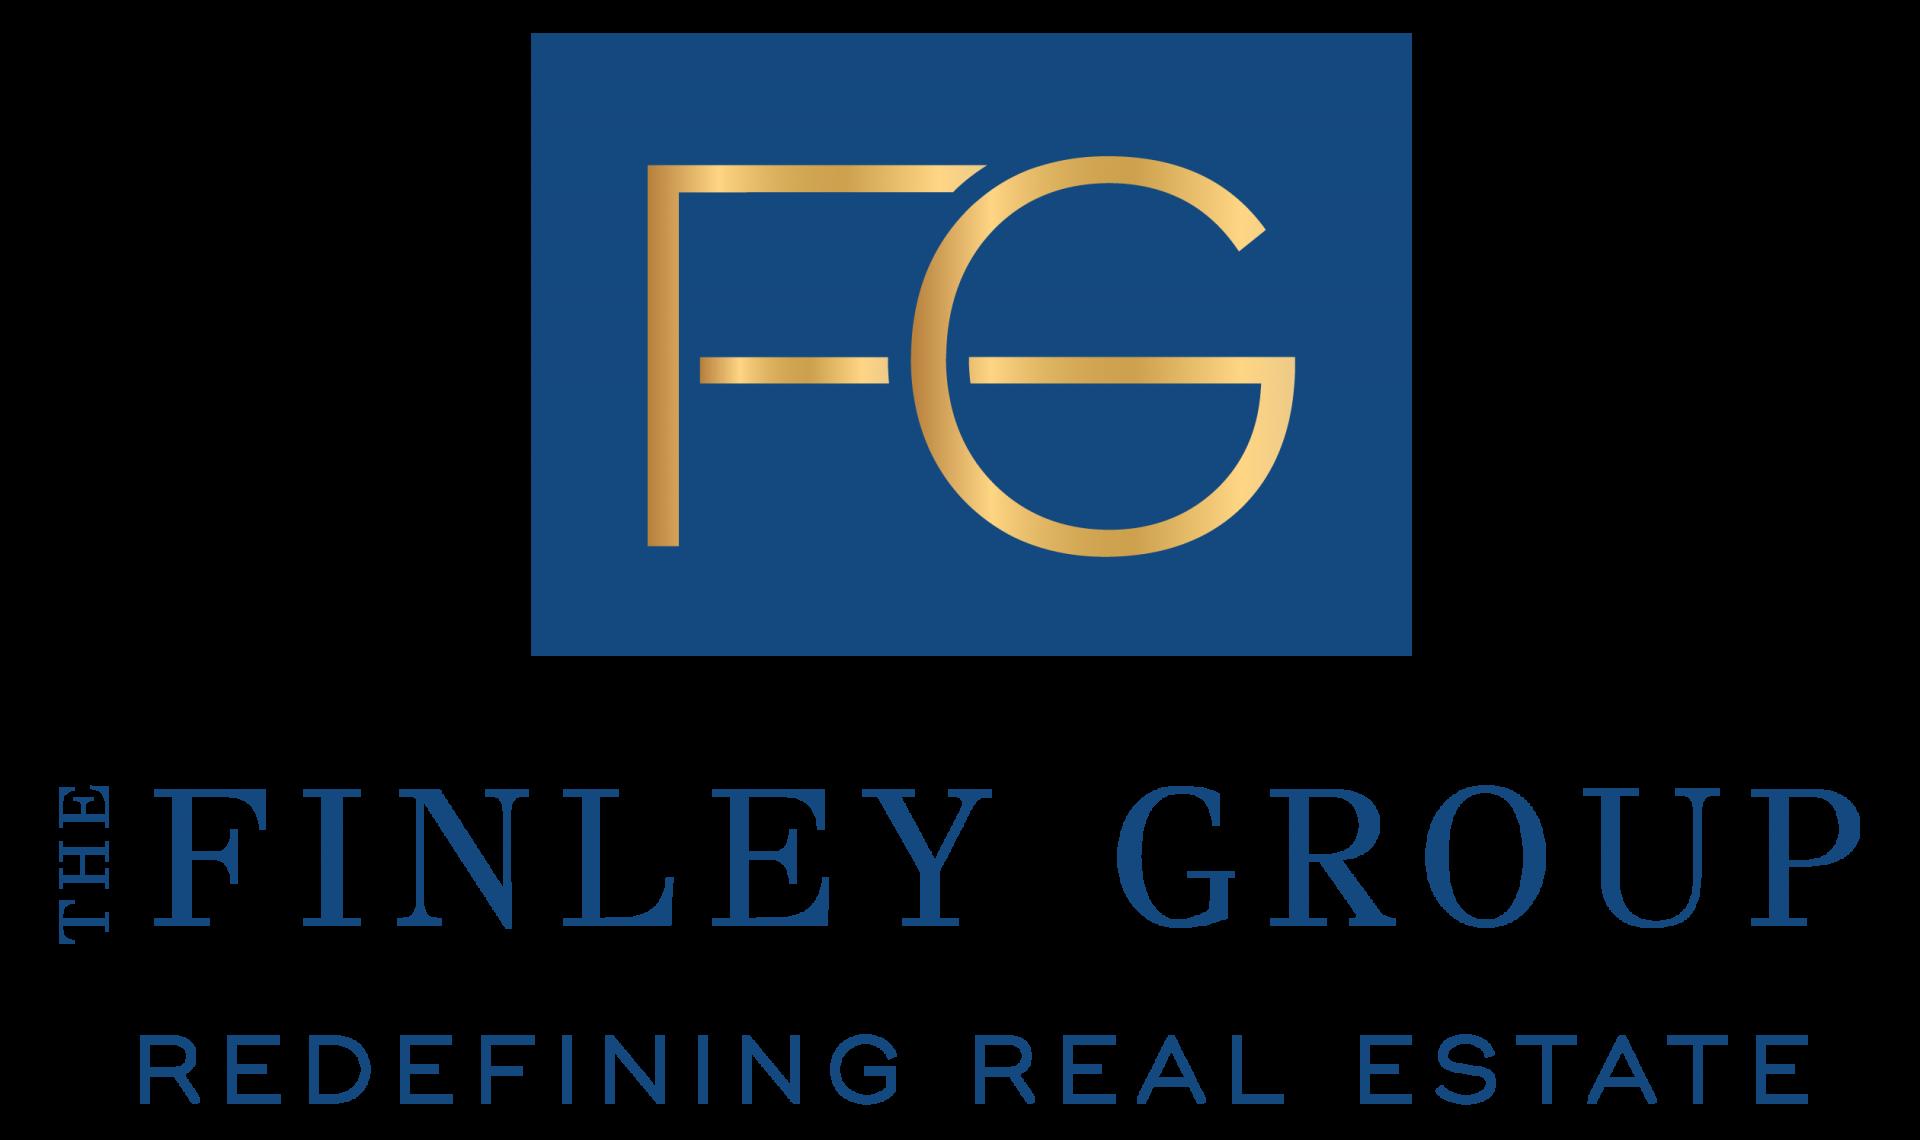 The Finley Group logo